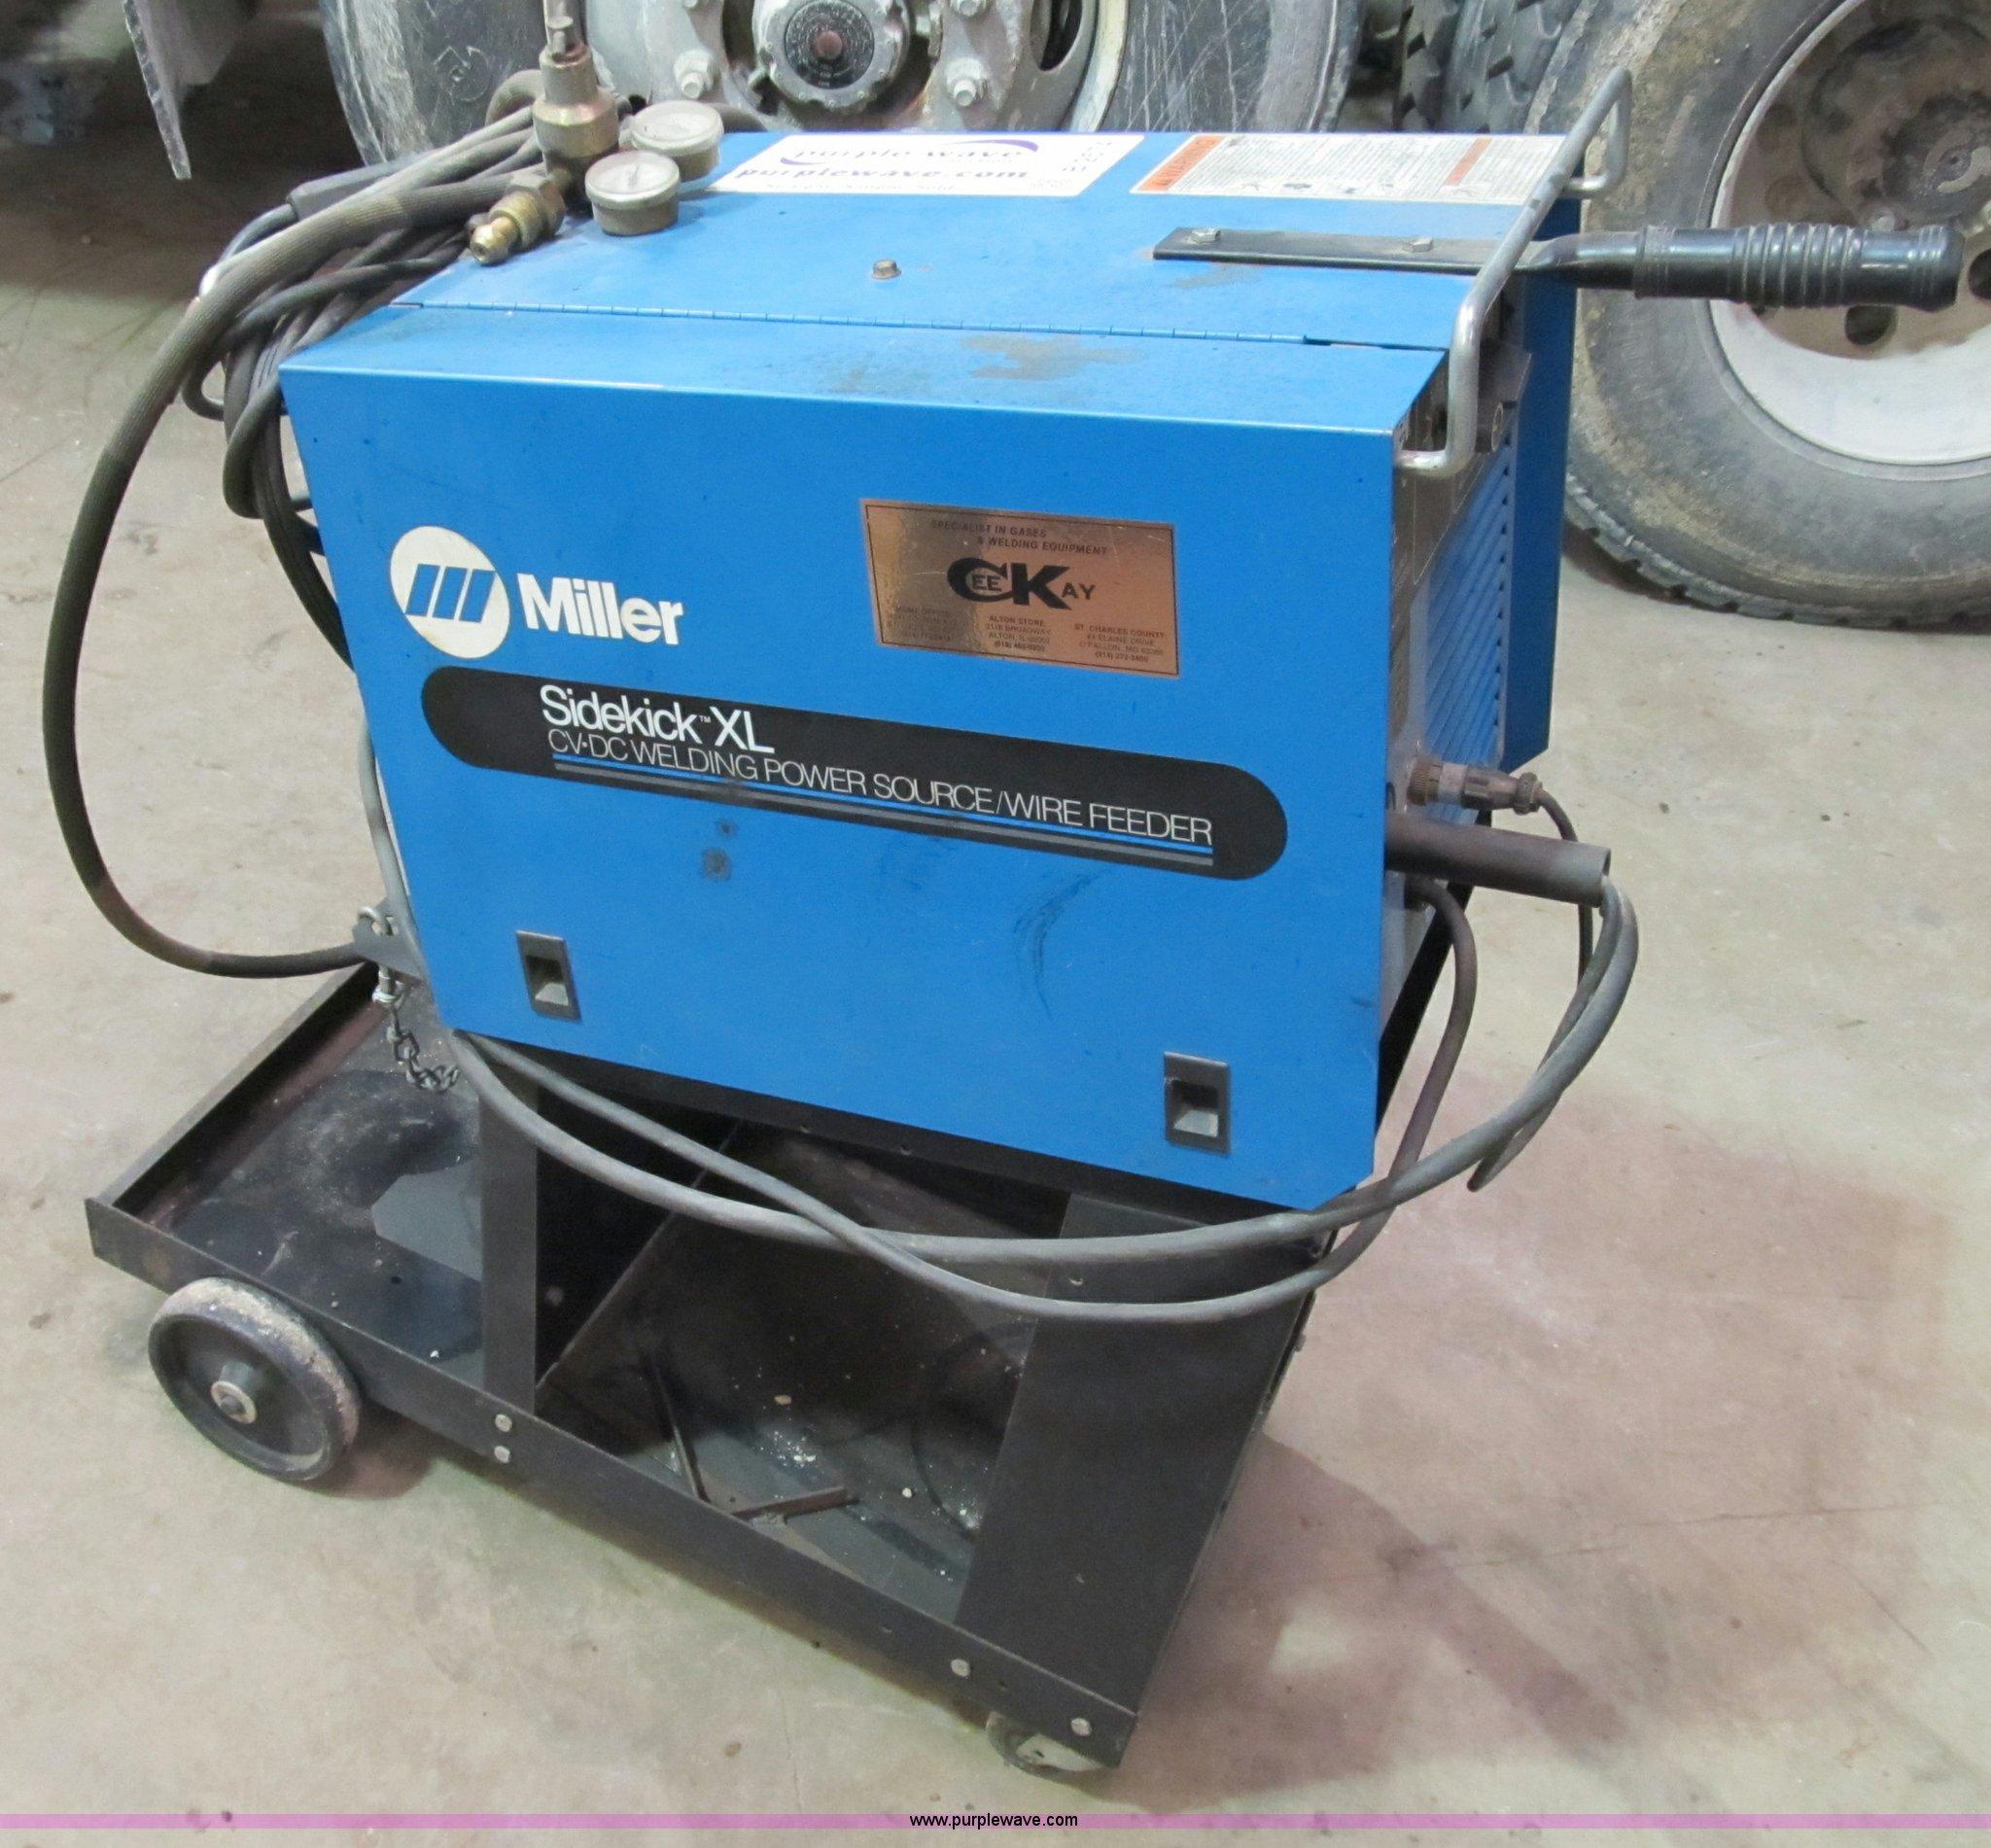 Miller Welders For Sale >> Miller Sidekick XL welder | Item B2574 | SOLD! January 25 M...